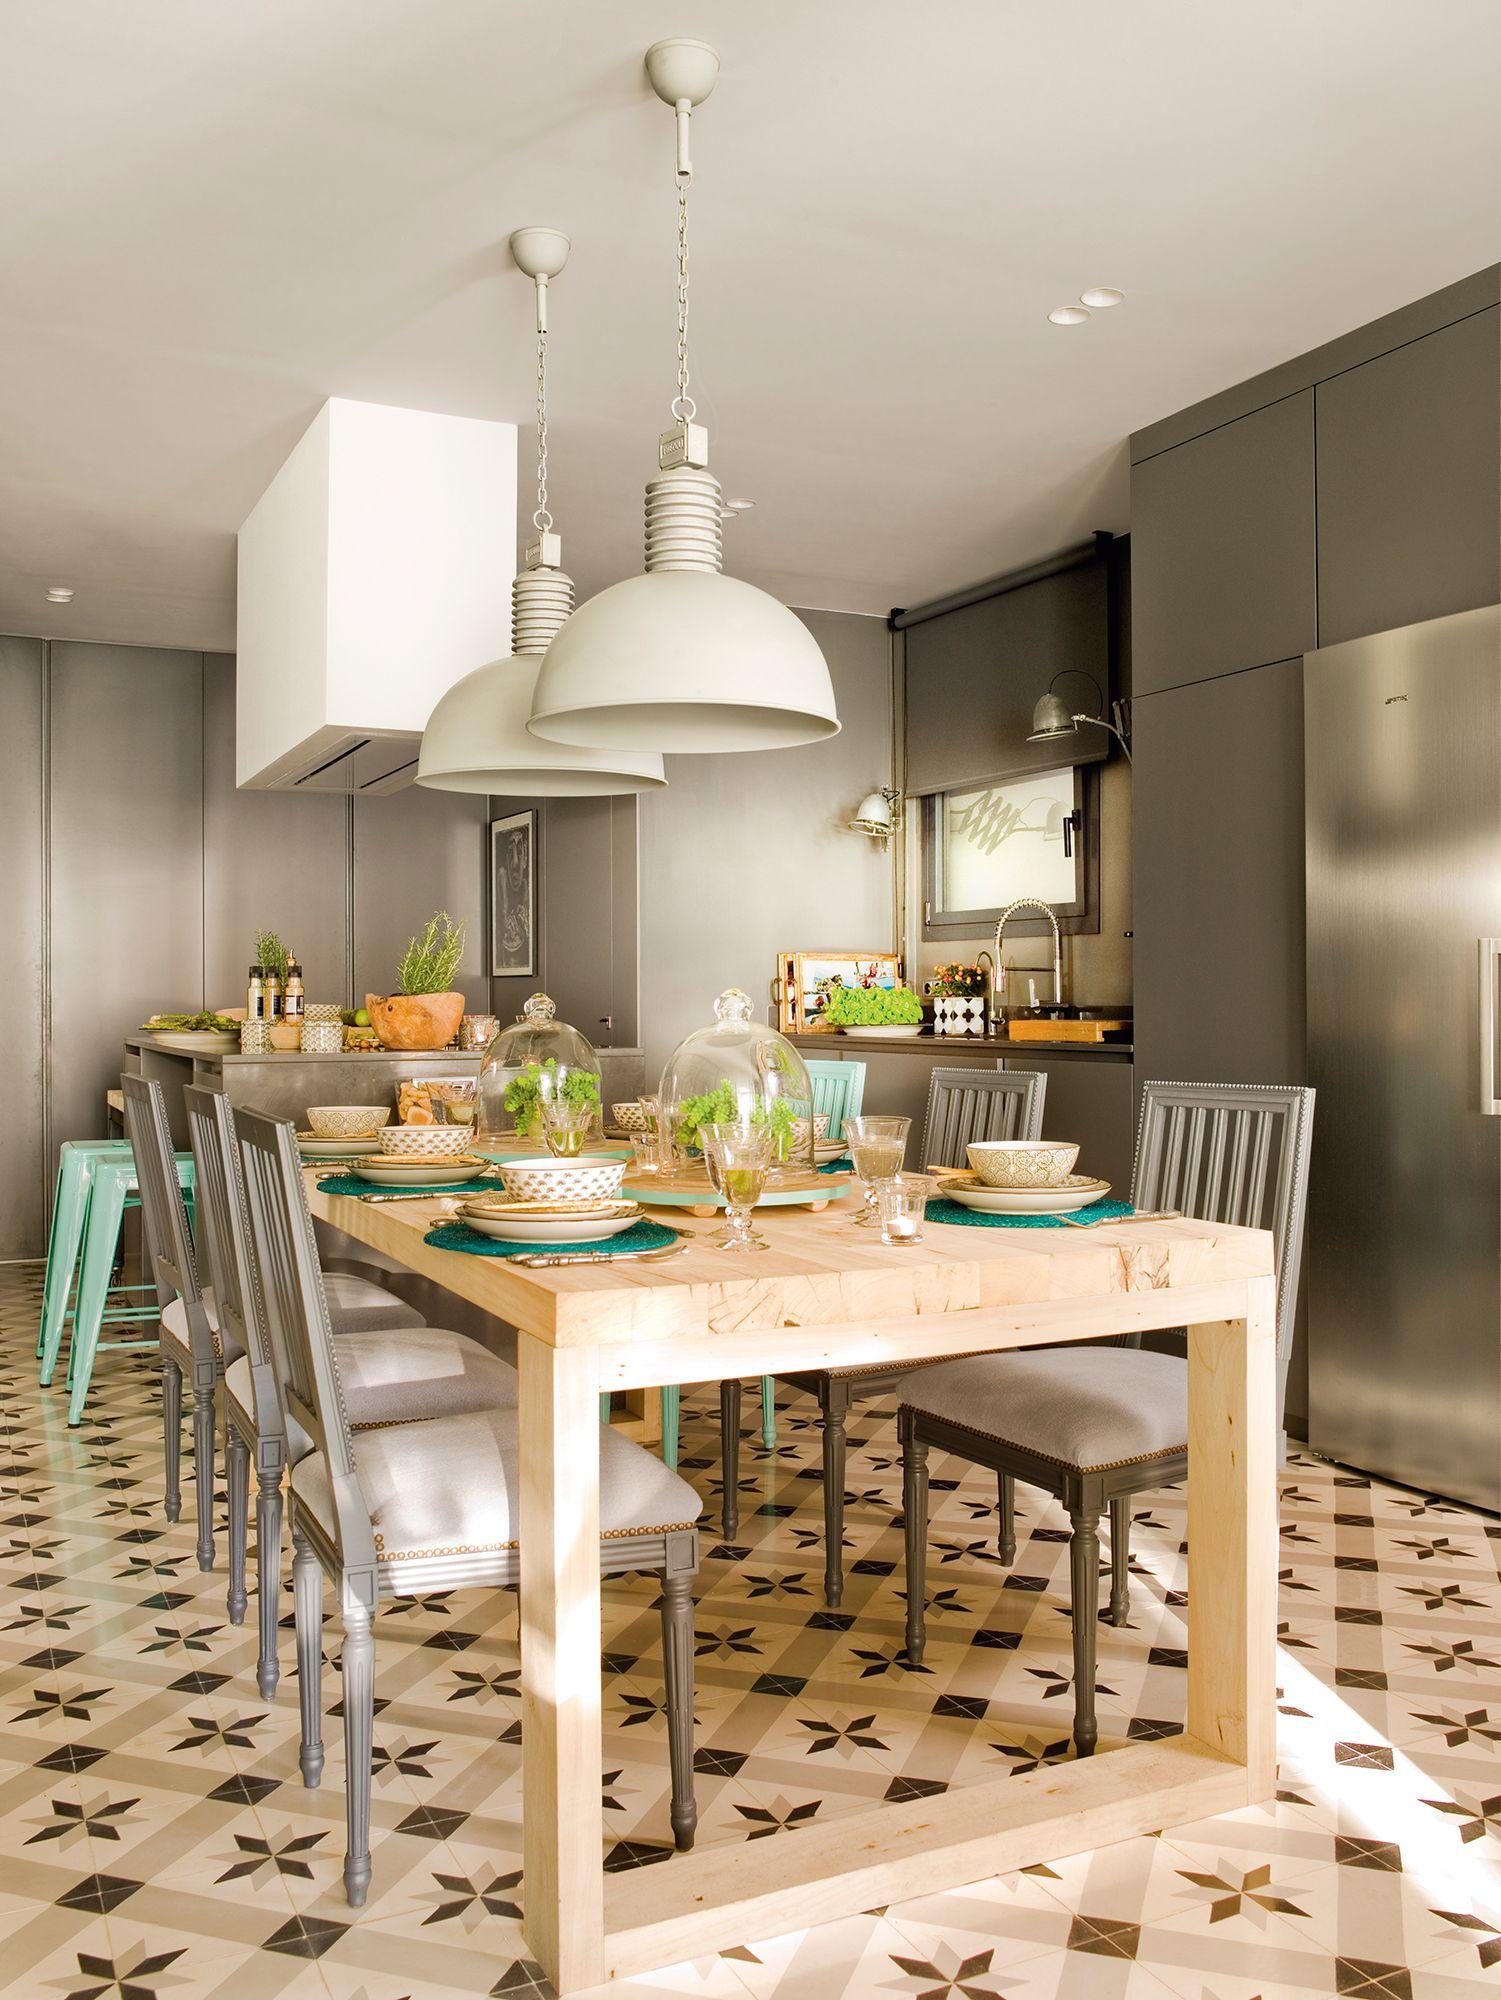 Cocina con muebles grises, isla y mesa de madera adosada_ 00397858 ...